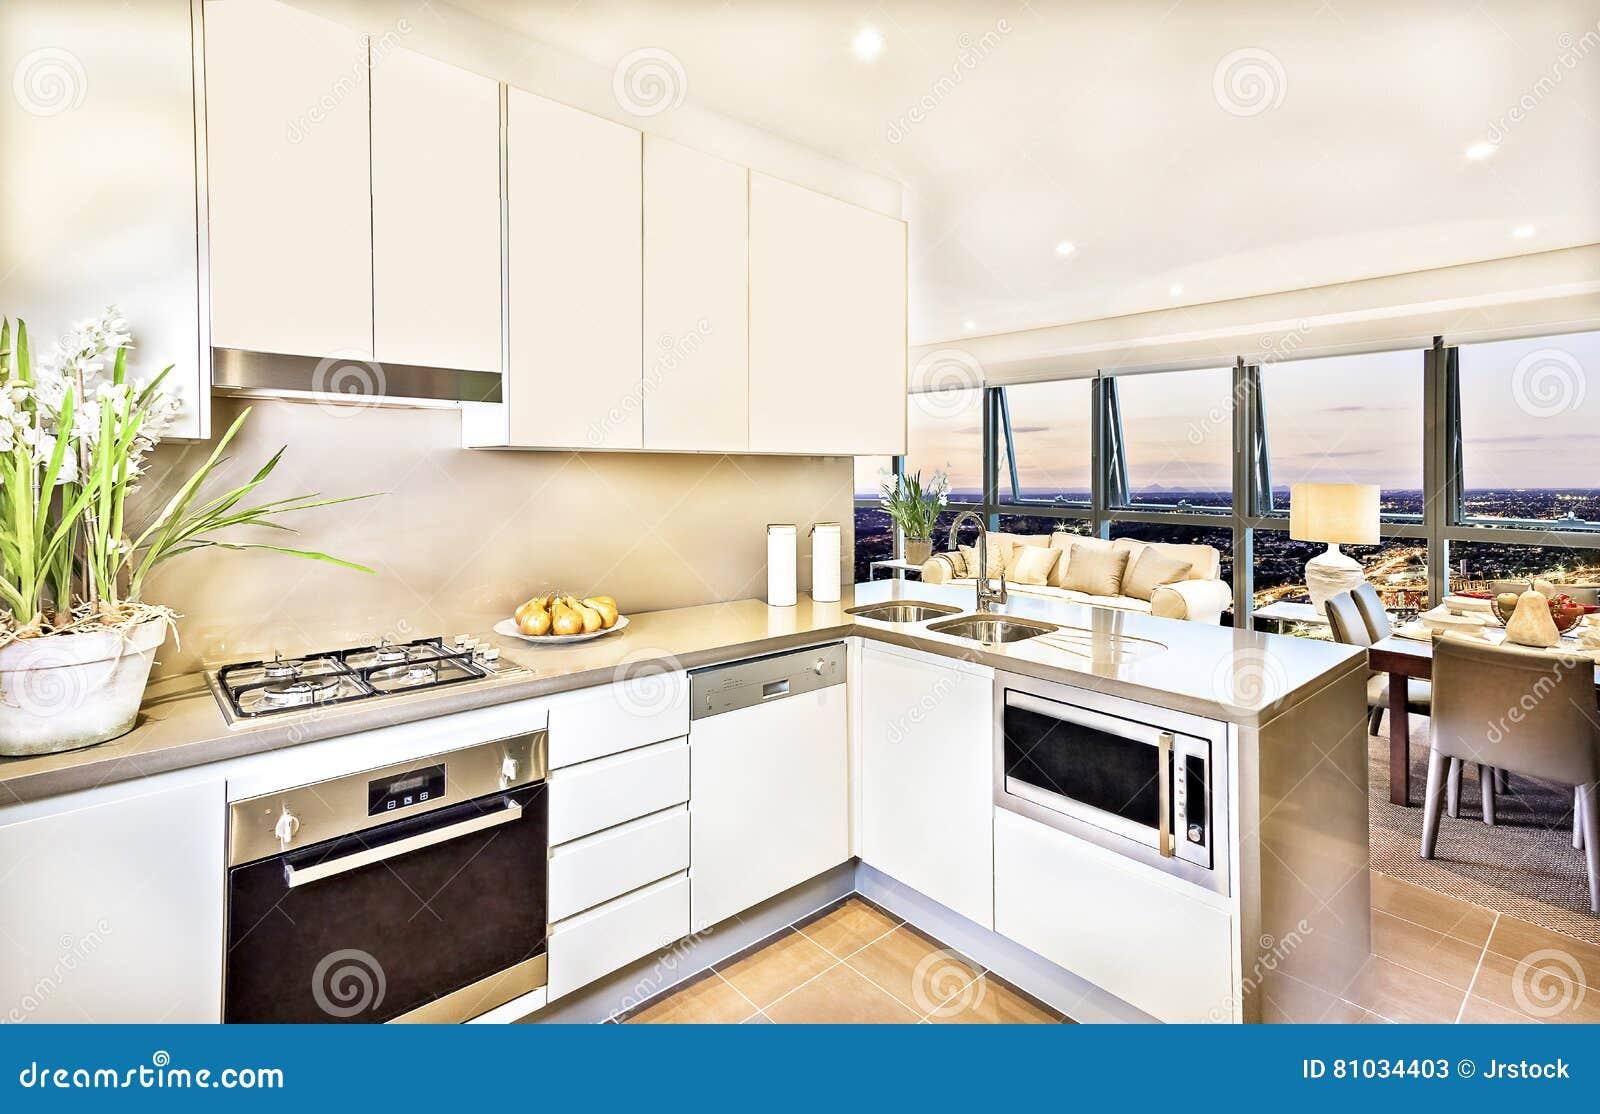 Interior moderno de la cocina con área de la sala de estar en la tarde